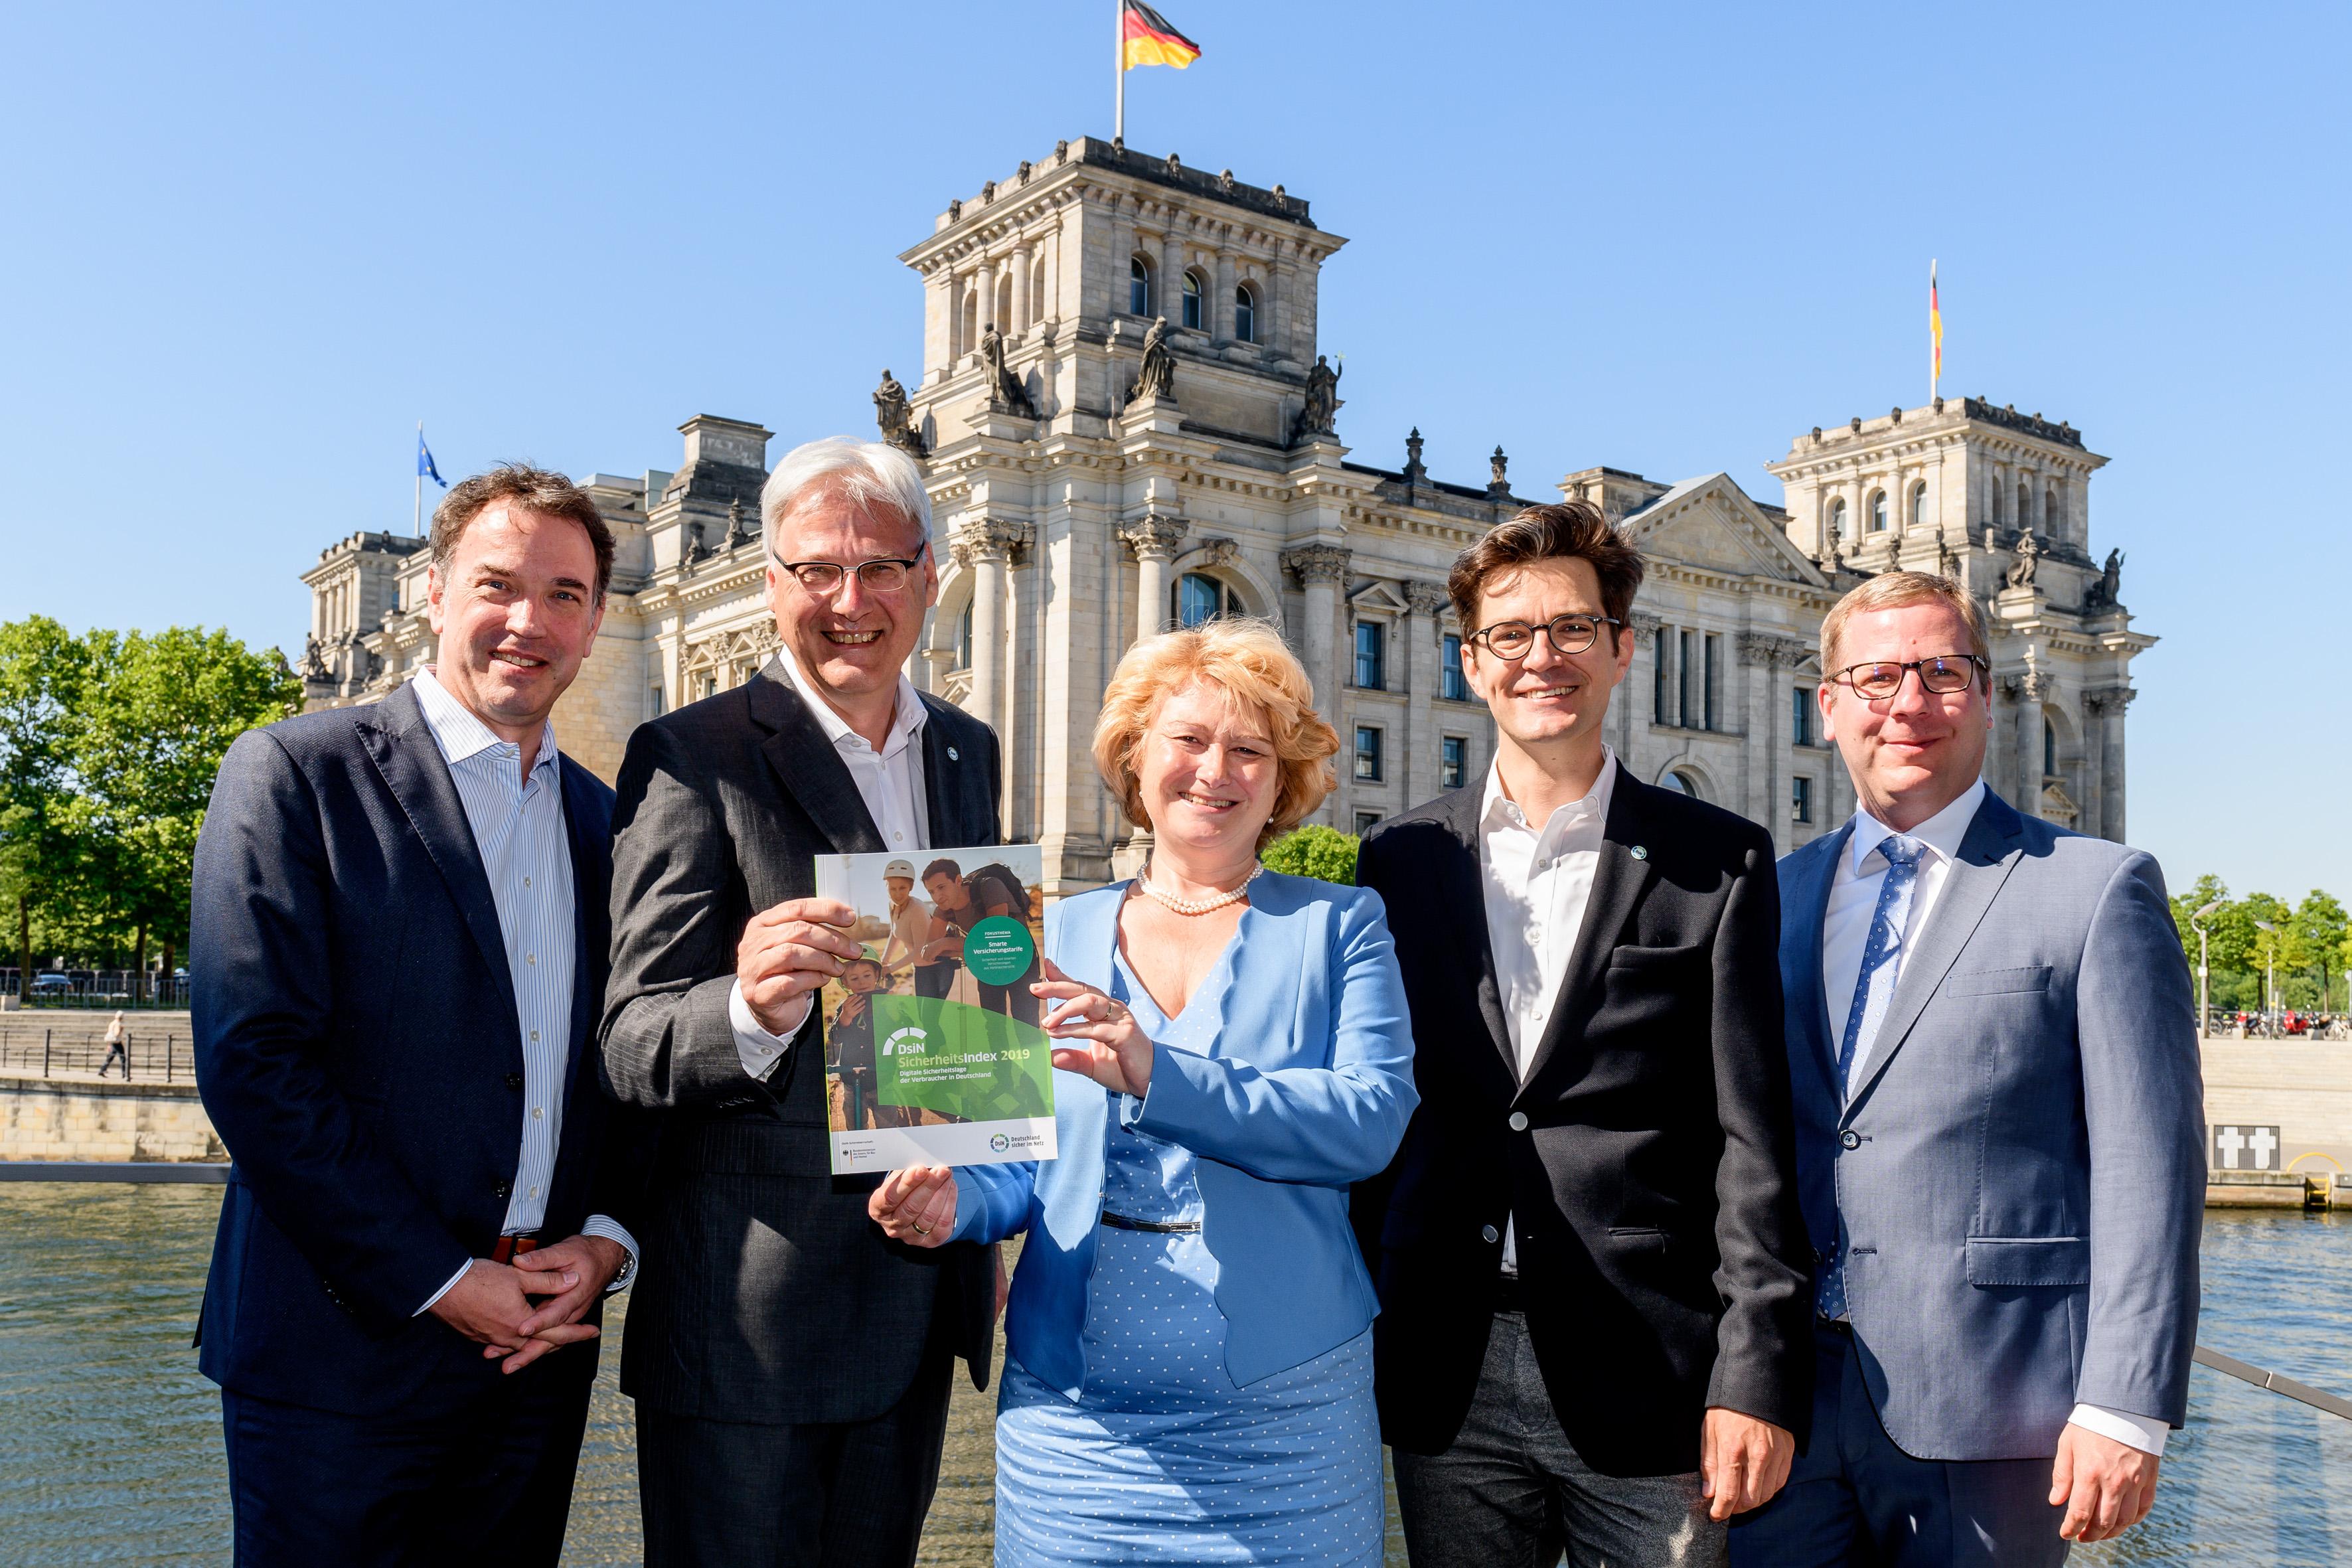 icherheit für Verbraucher in Deutschland: Dr. David Stachon (Generali), Dr. Thomas Kremer (DsiN-Vorstandsvorsitzender), Rita Hagl-Kehl (BMJV), Dr. Michael Littger (DsiN-Geschäftsführer) und Tobias Weber (Kantar), DsiN-Sicherheitsindex 2019